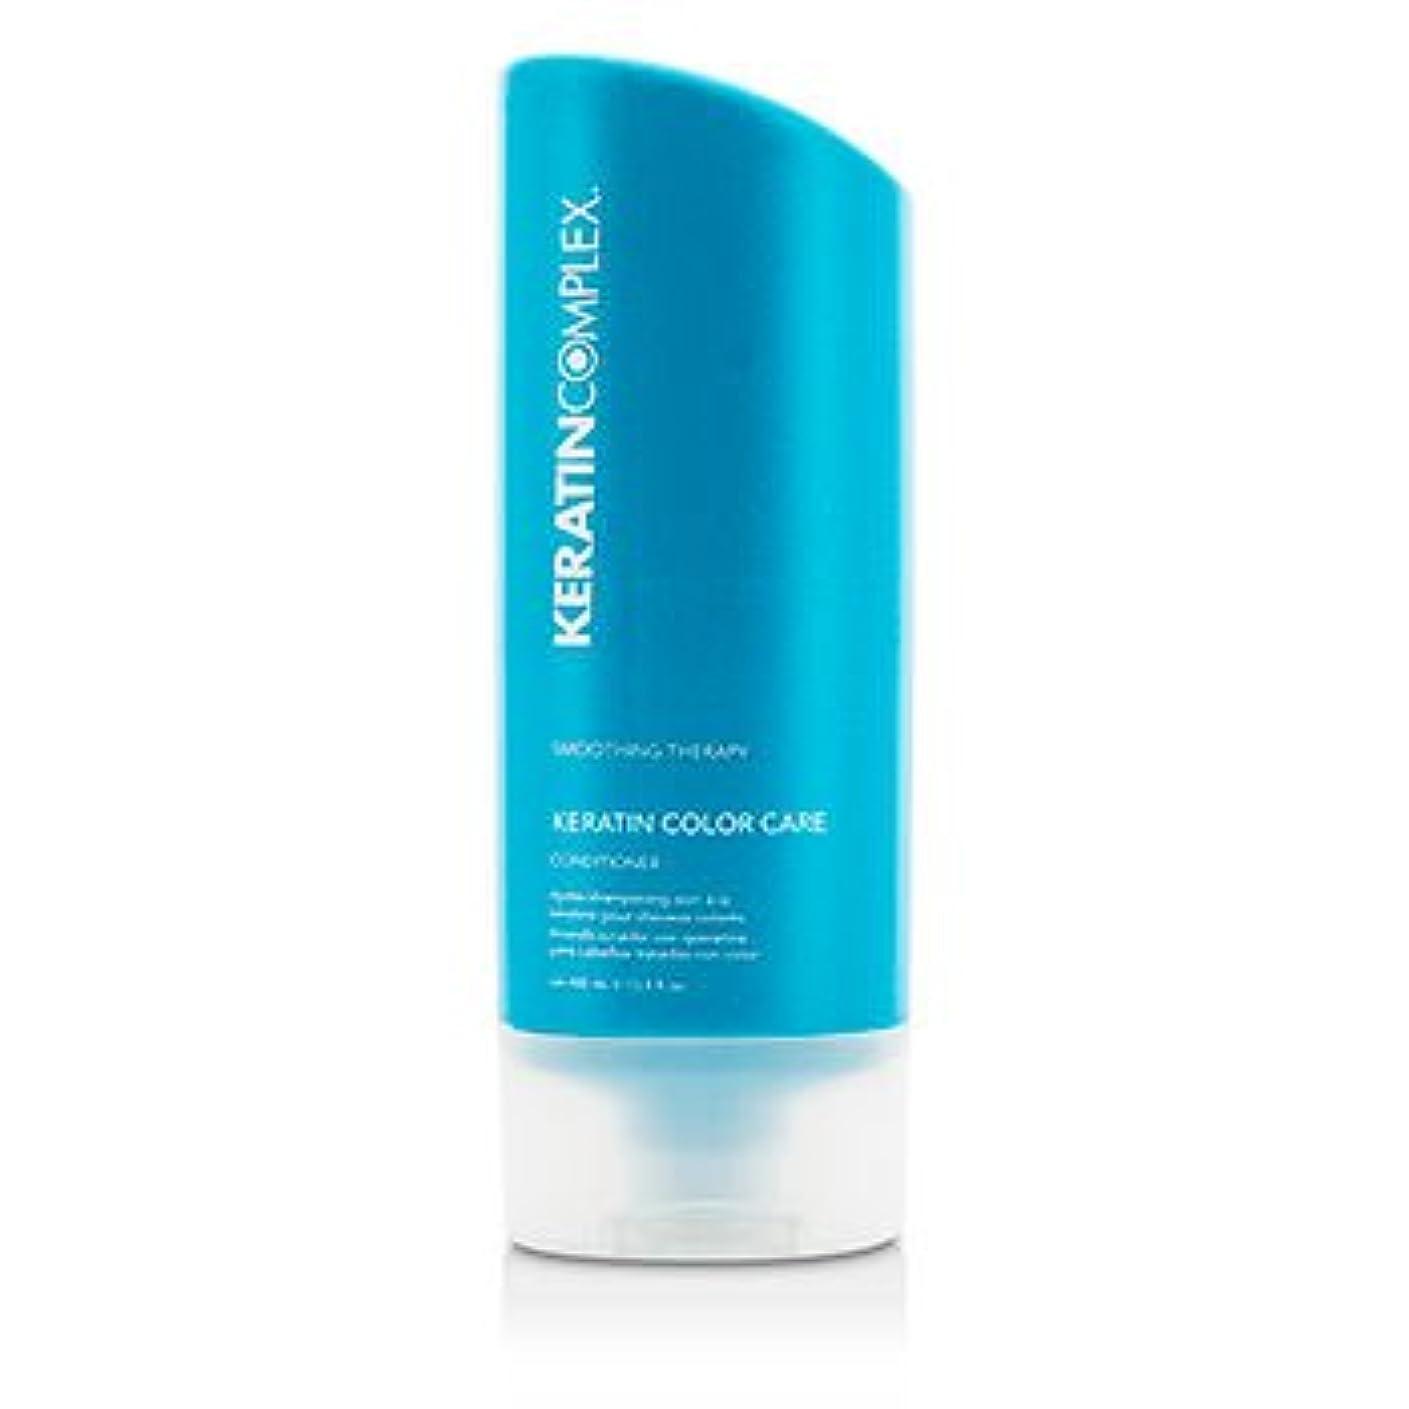 アクロバットフィードオン申請中[Keratin Complex] Smoothing Therapy Keratin Color Care Conditioner (For All Hair Types) 400ml/13.5oz